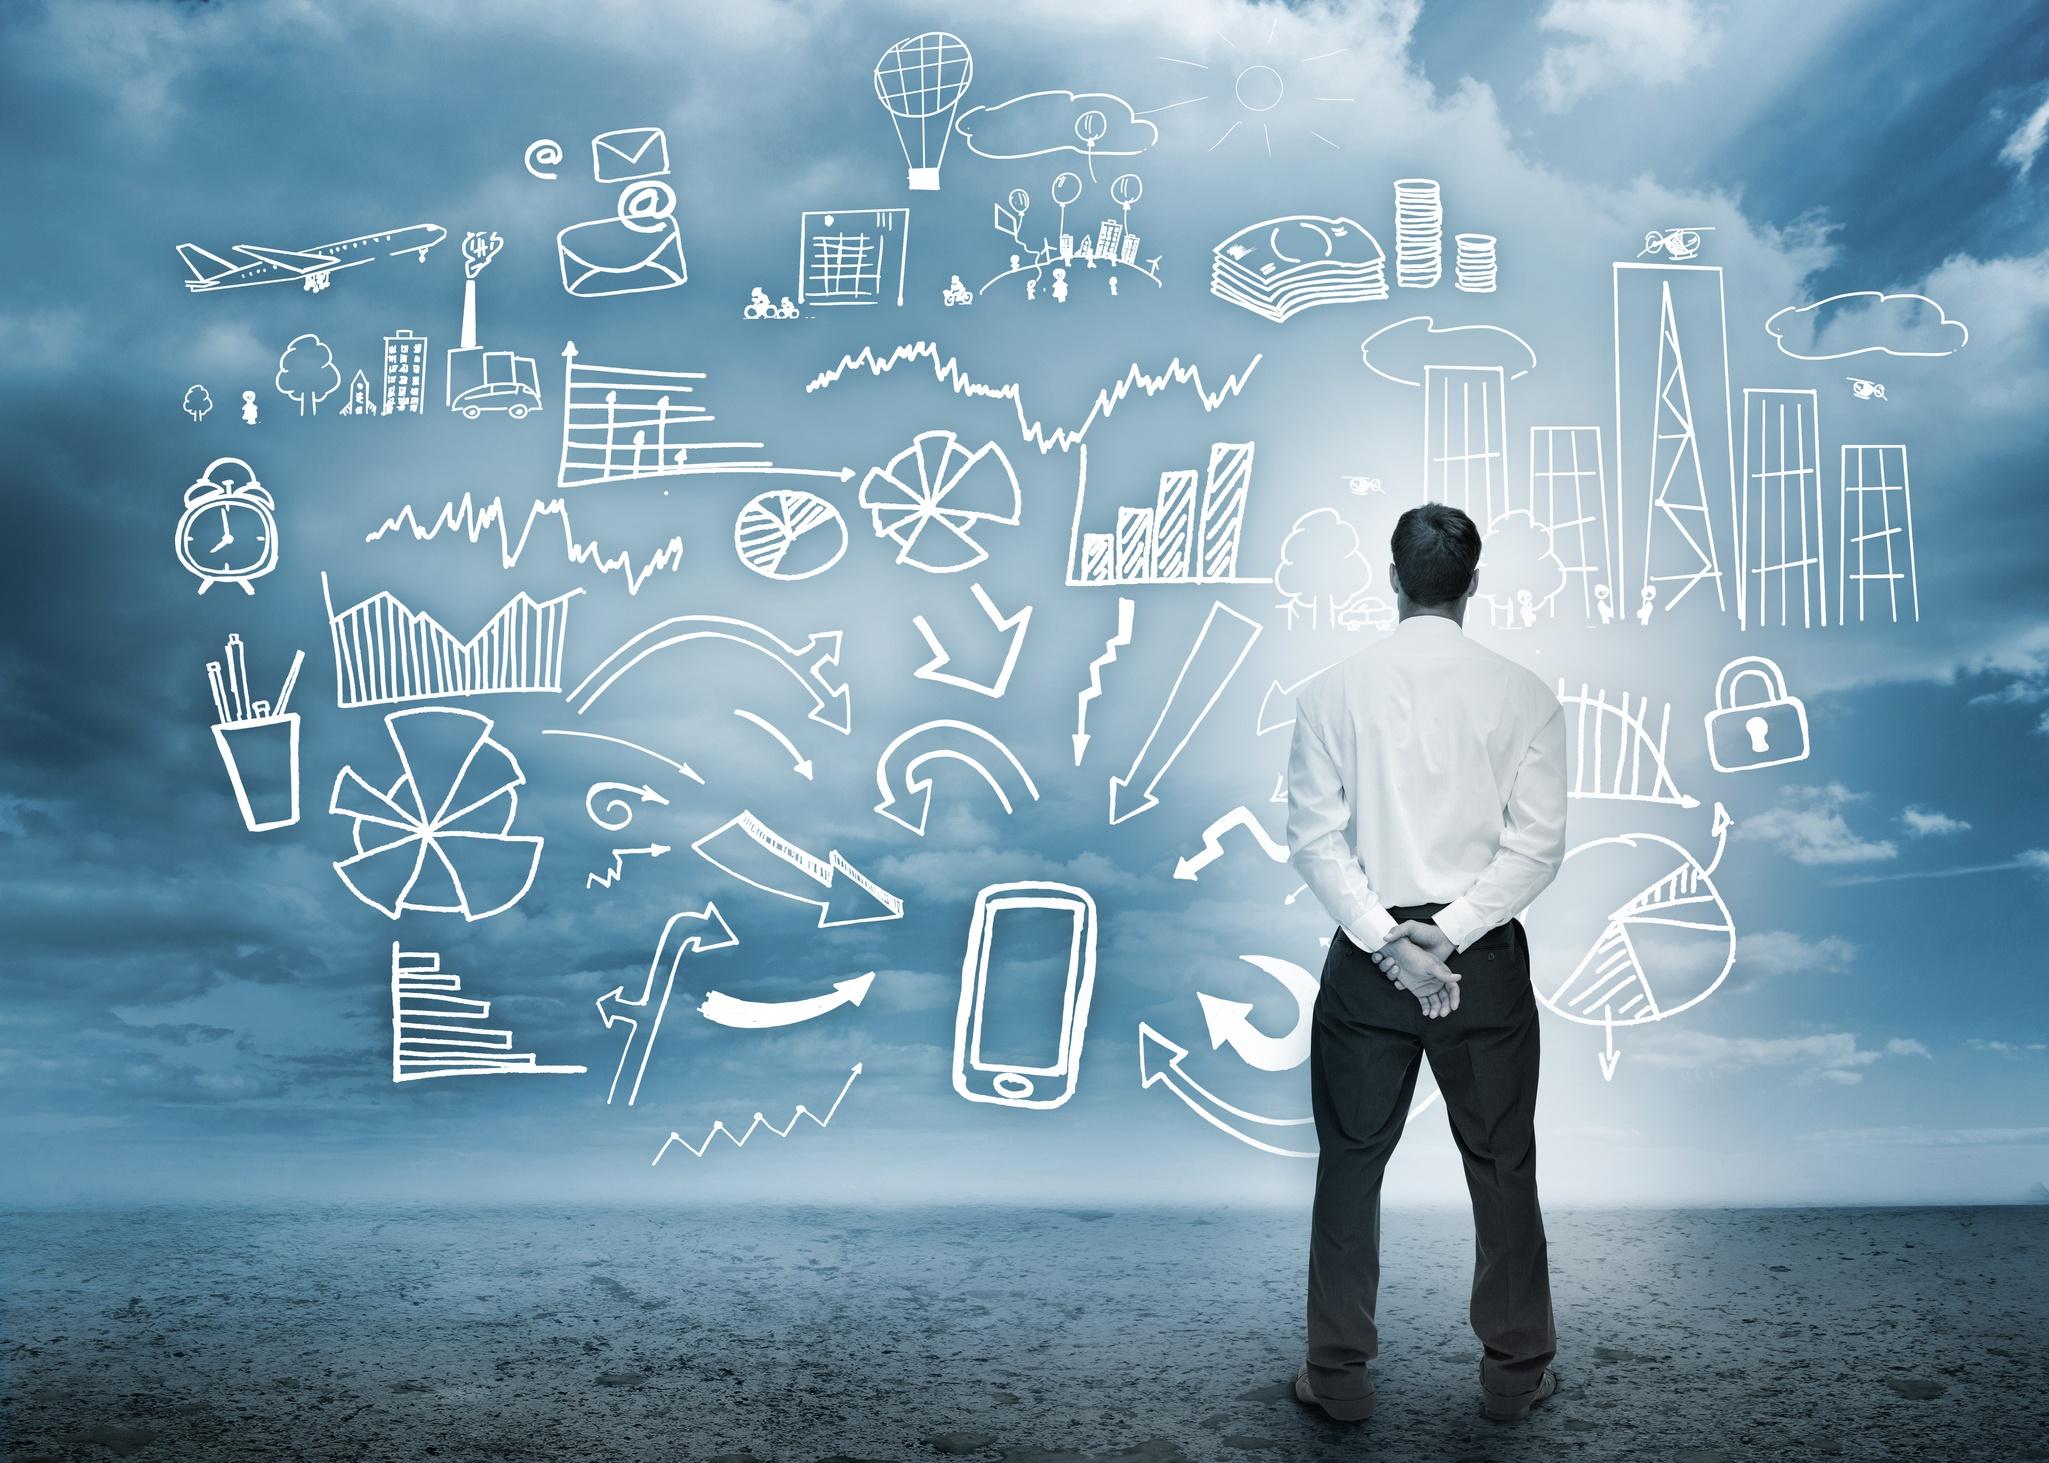 El poder de una gestión de datos inteligente en la nube